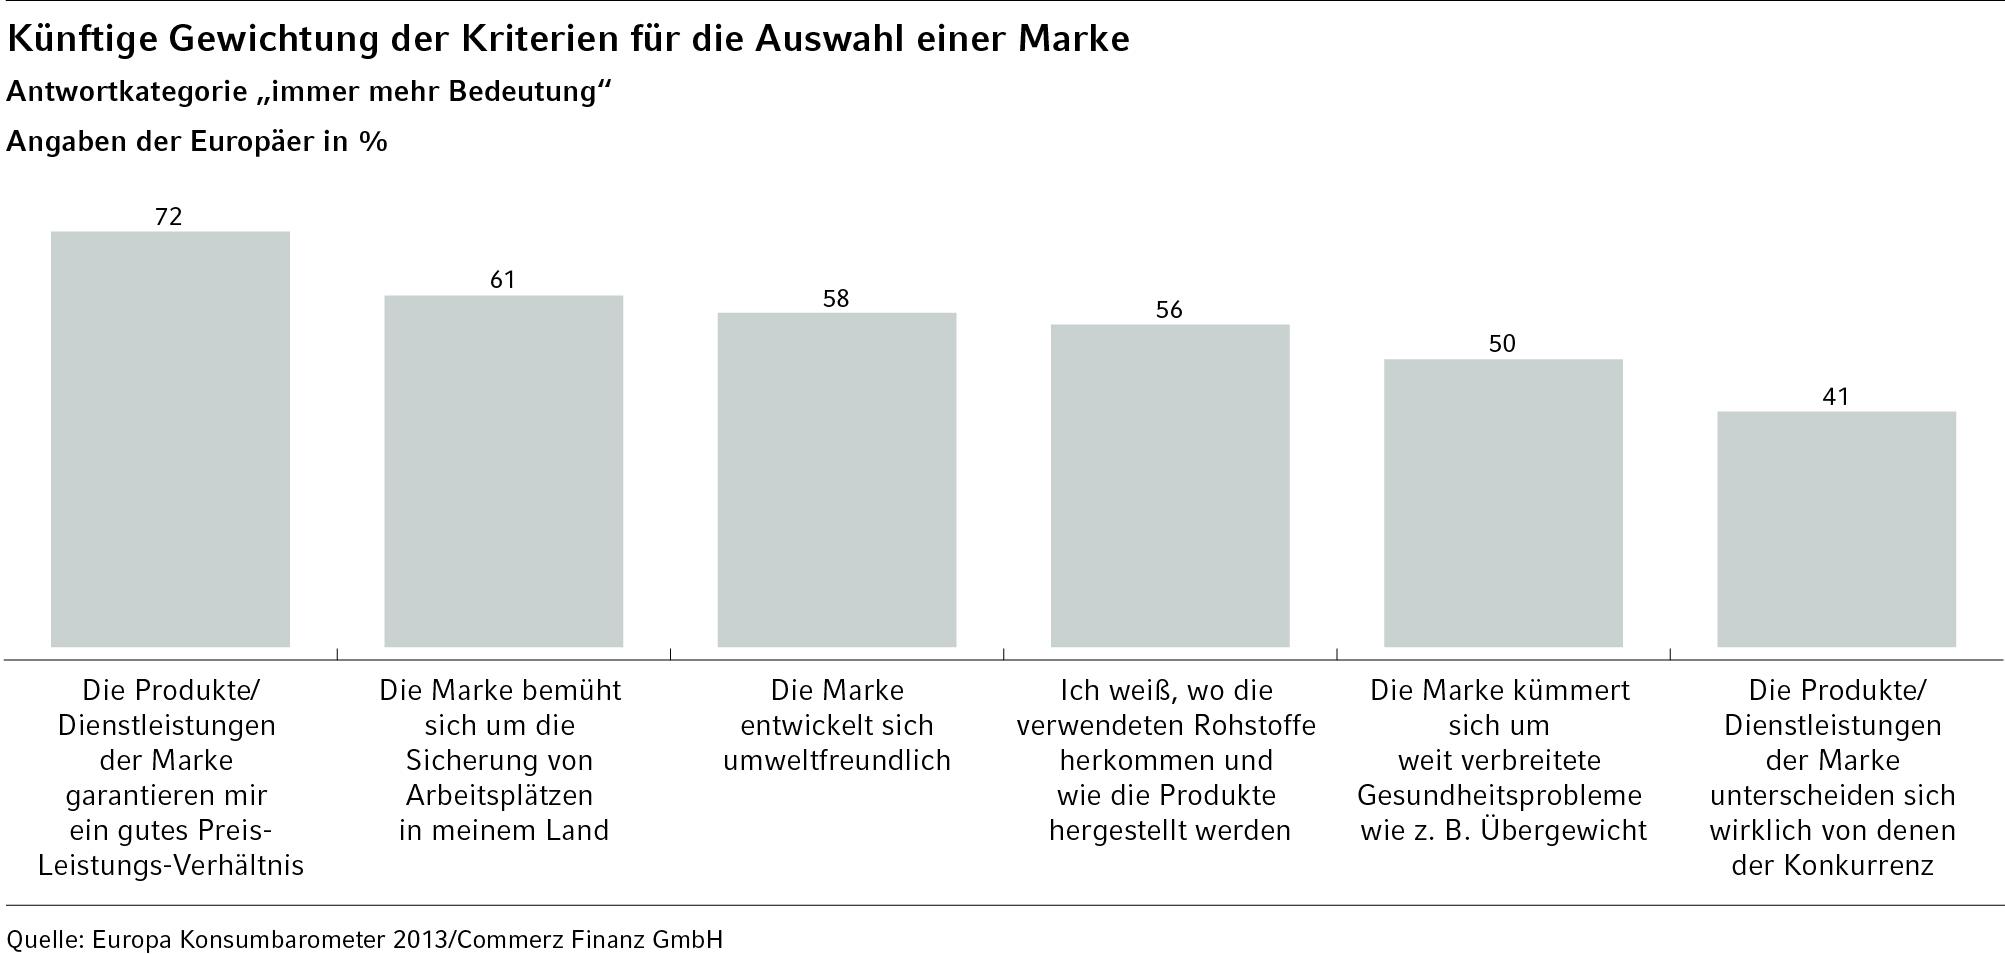 Quelle: Europa Konsumentenbarometer 2013 / Commerz Finanz GmbH